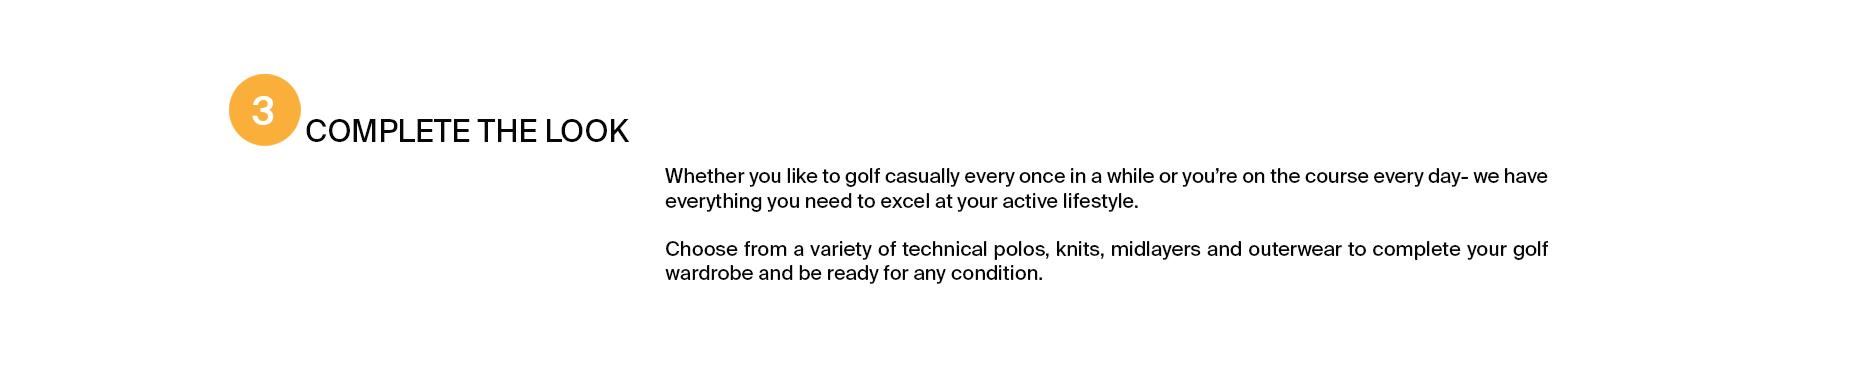 Golf Pant Row 2 desktop